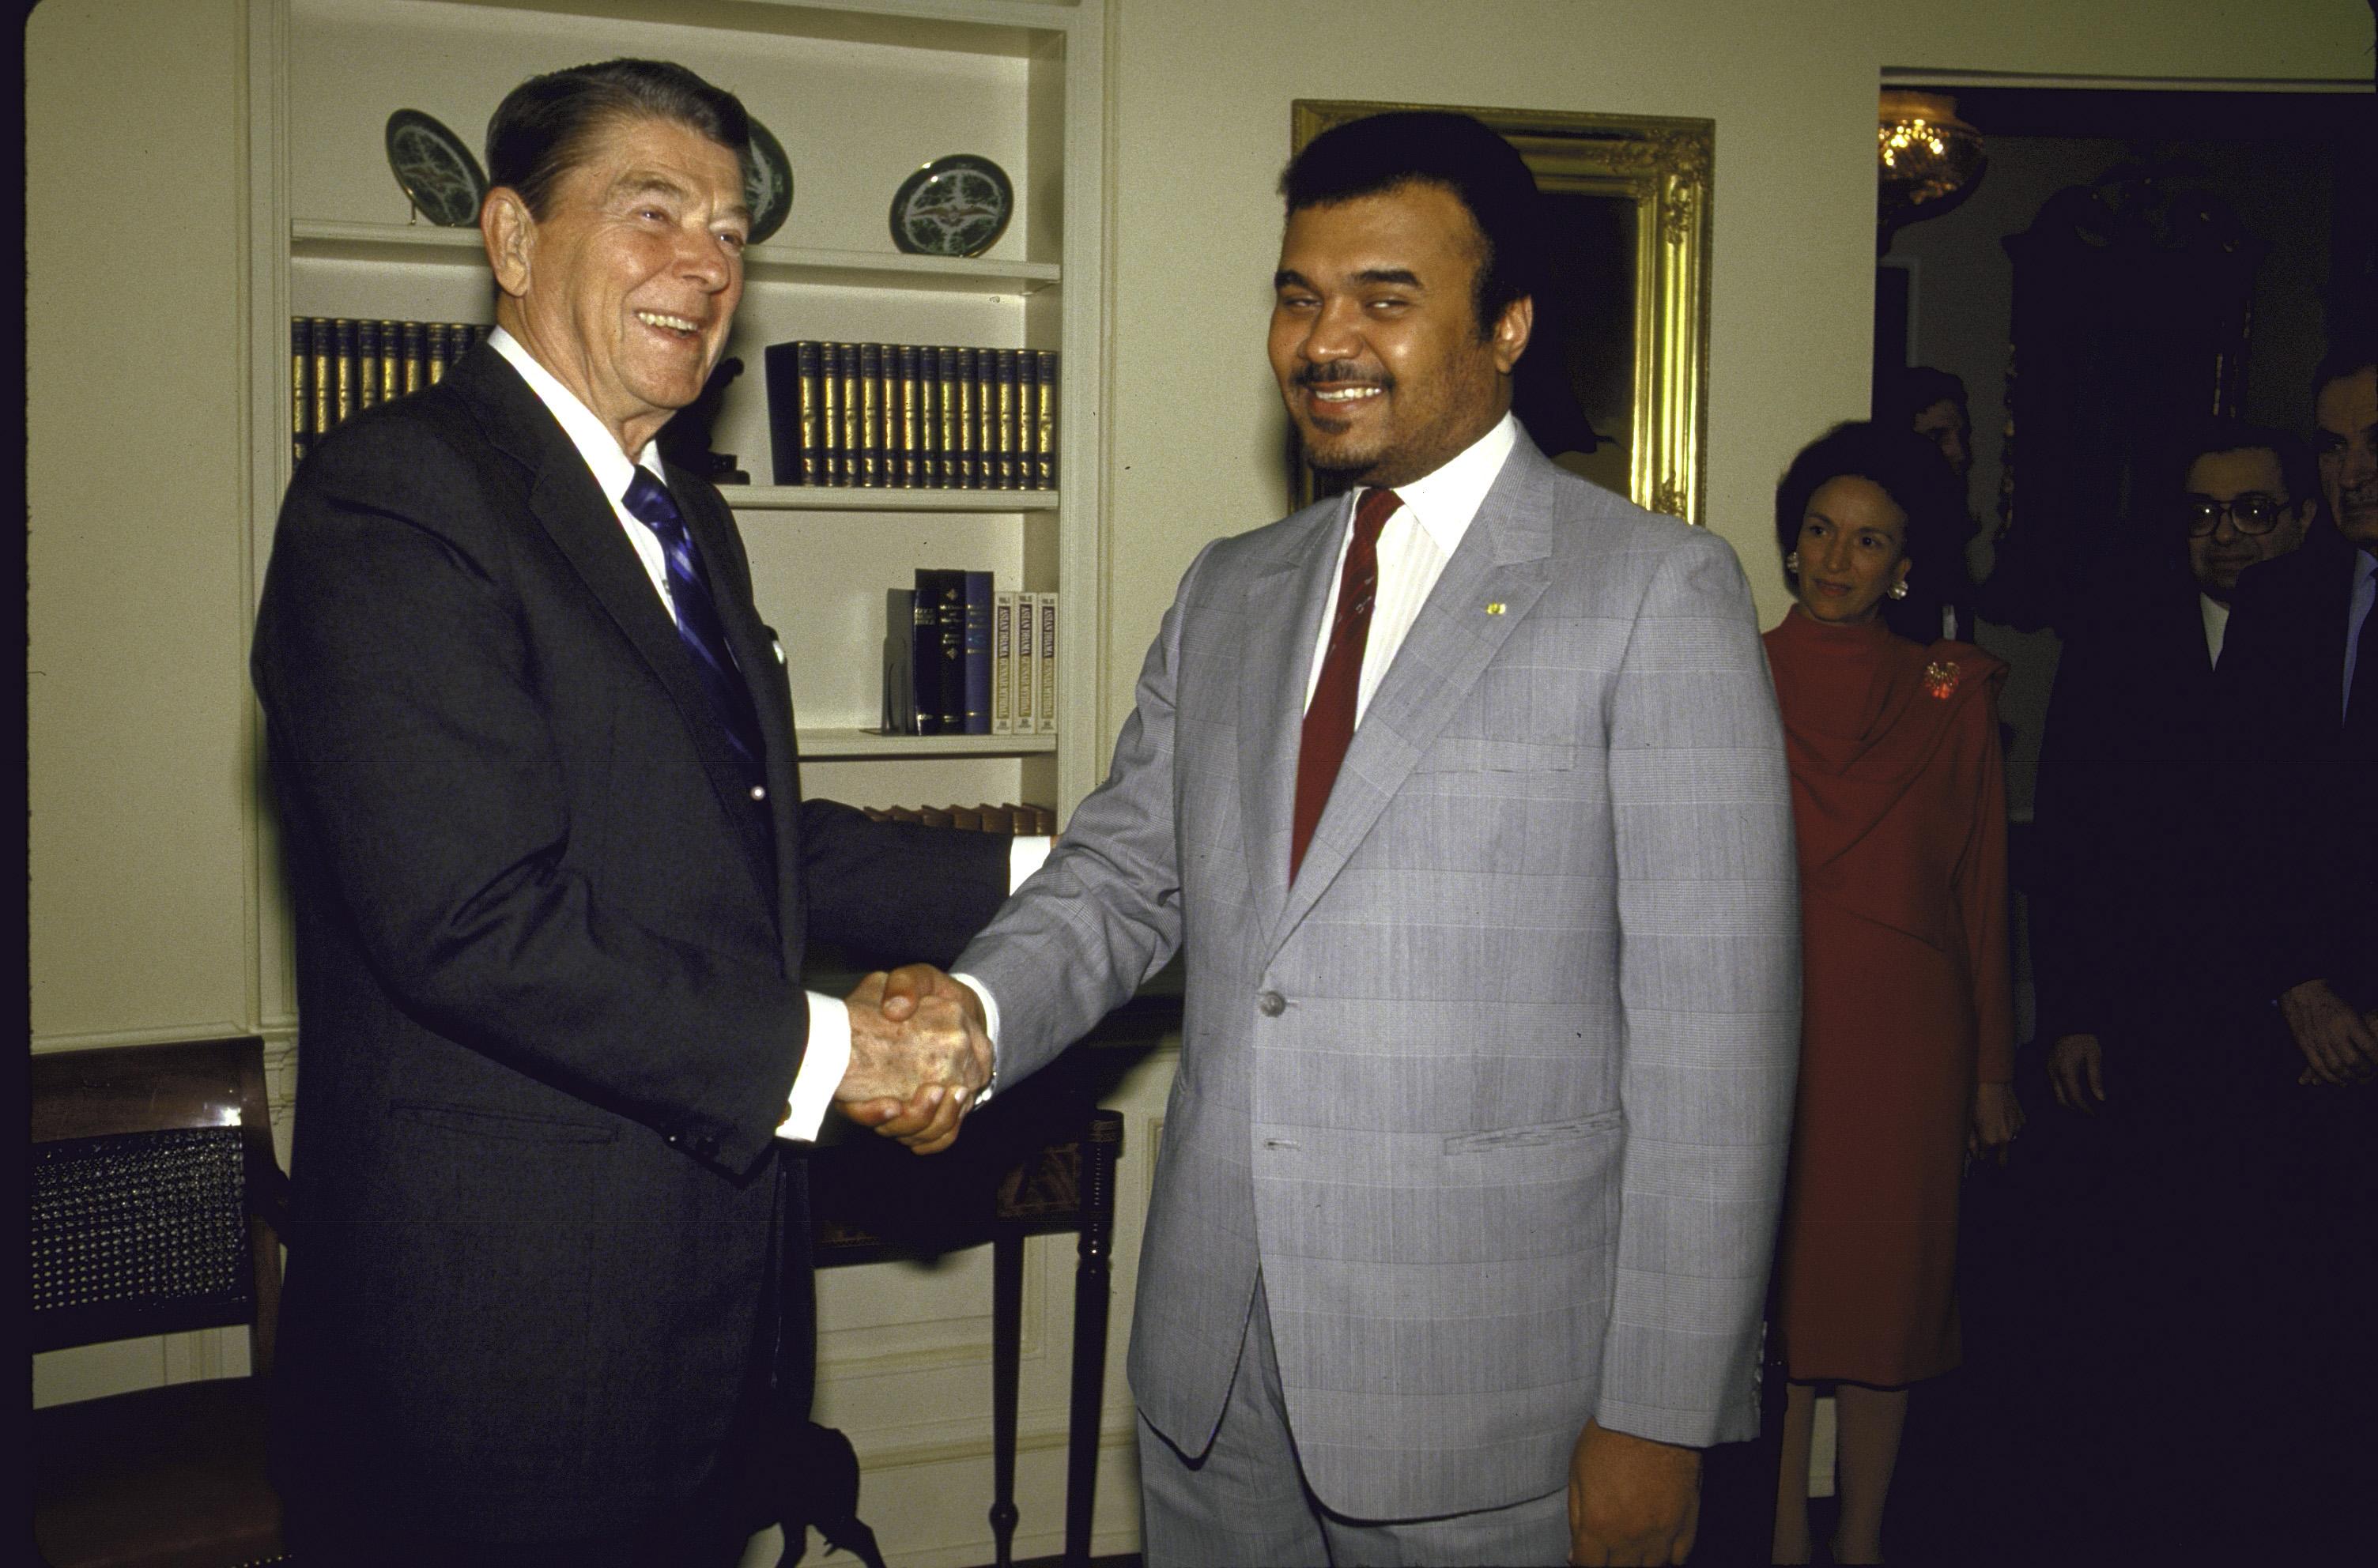 Bender bin sultan ve ABD başkanı reagen